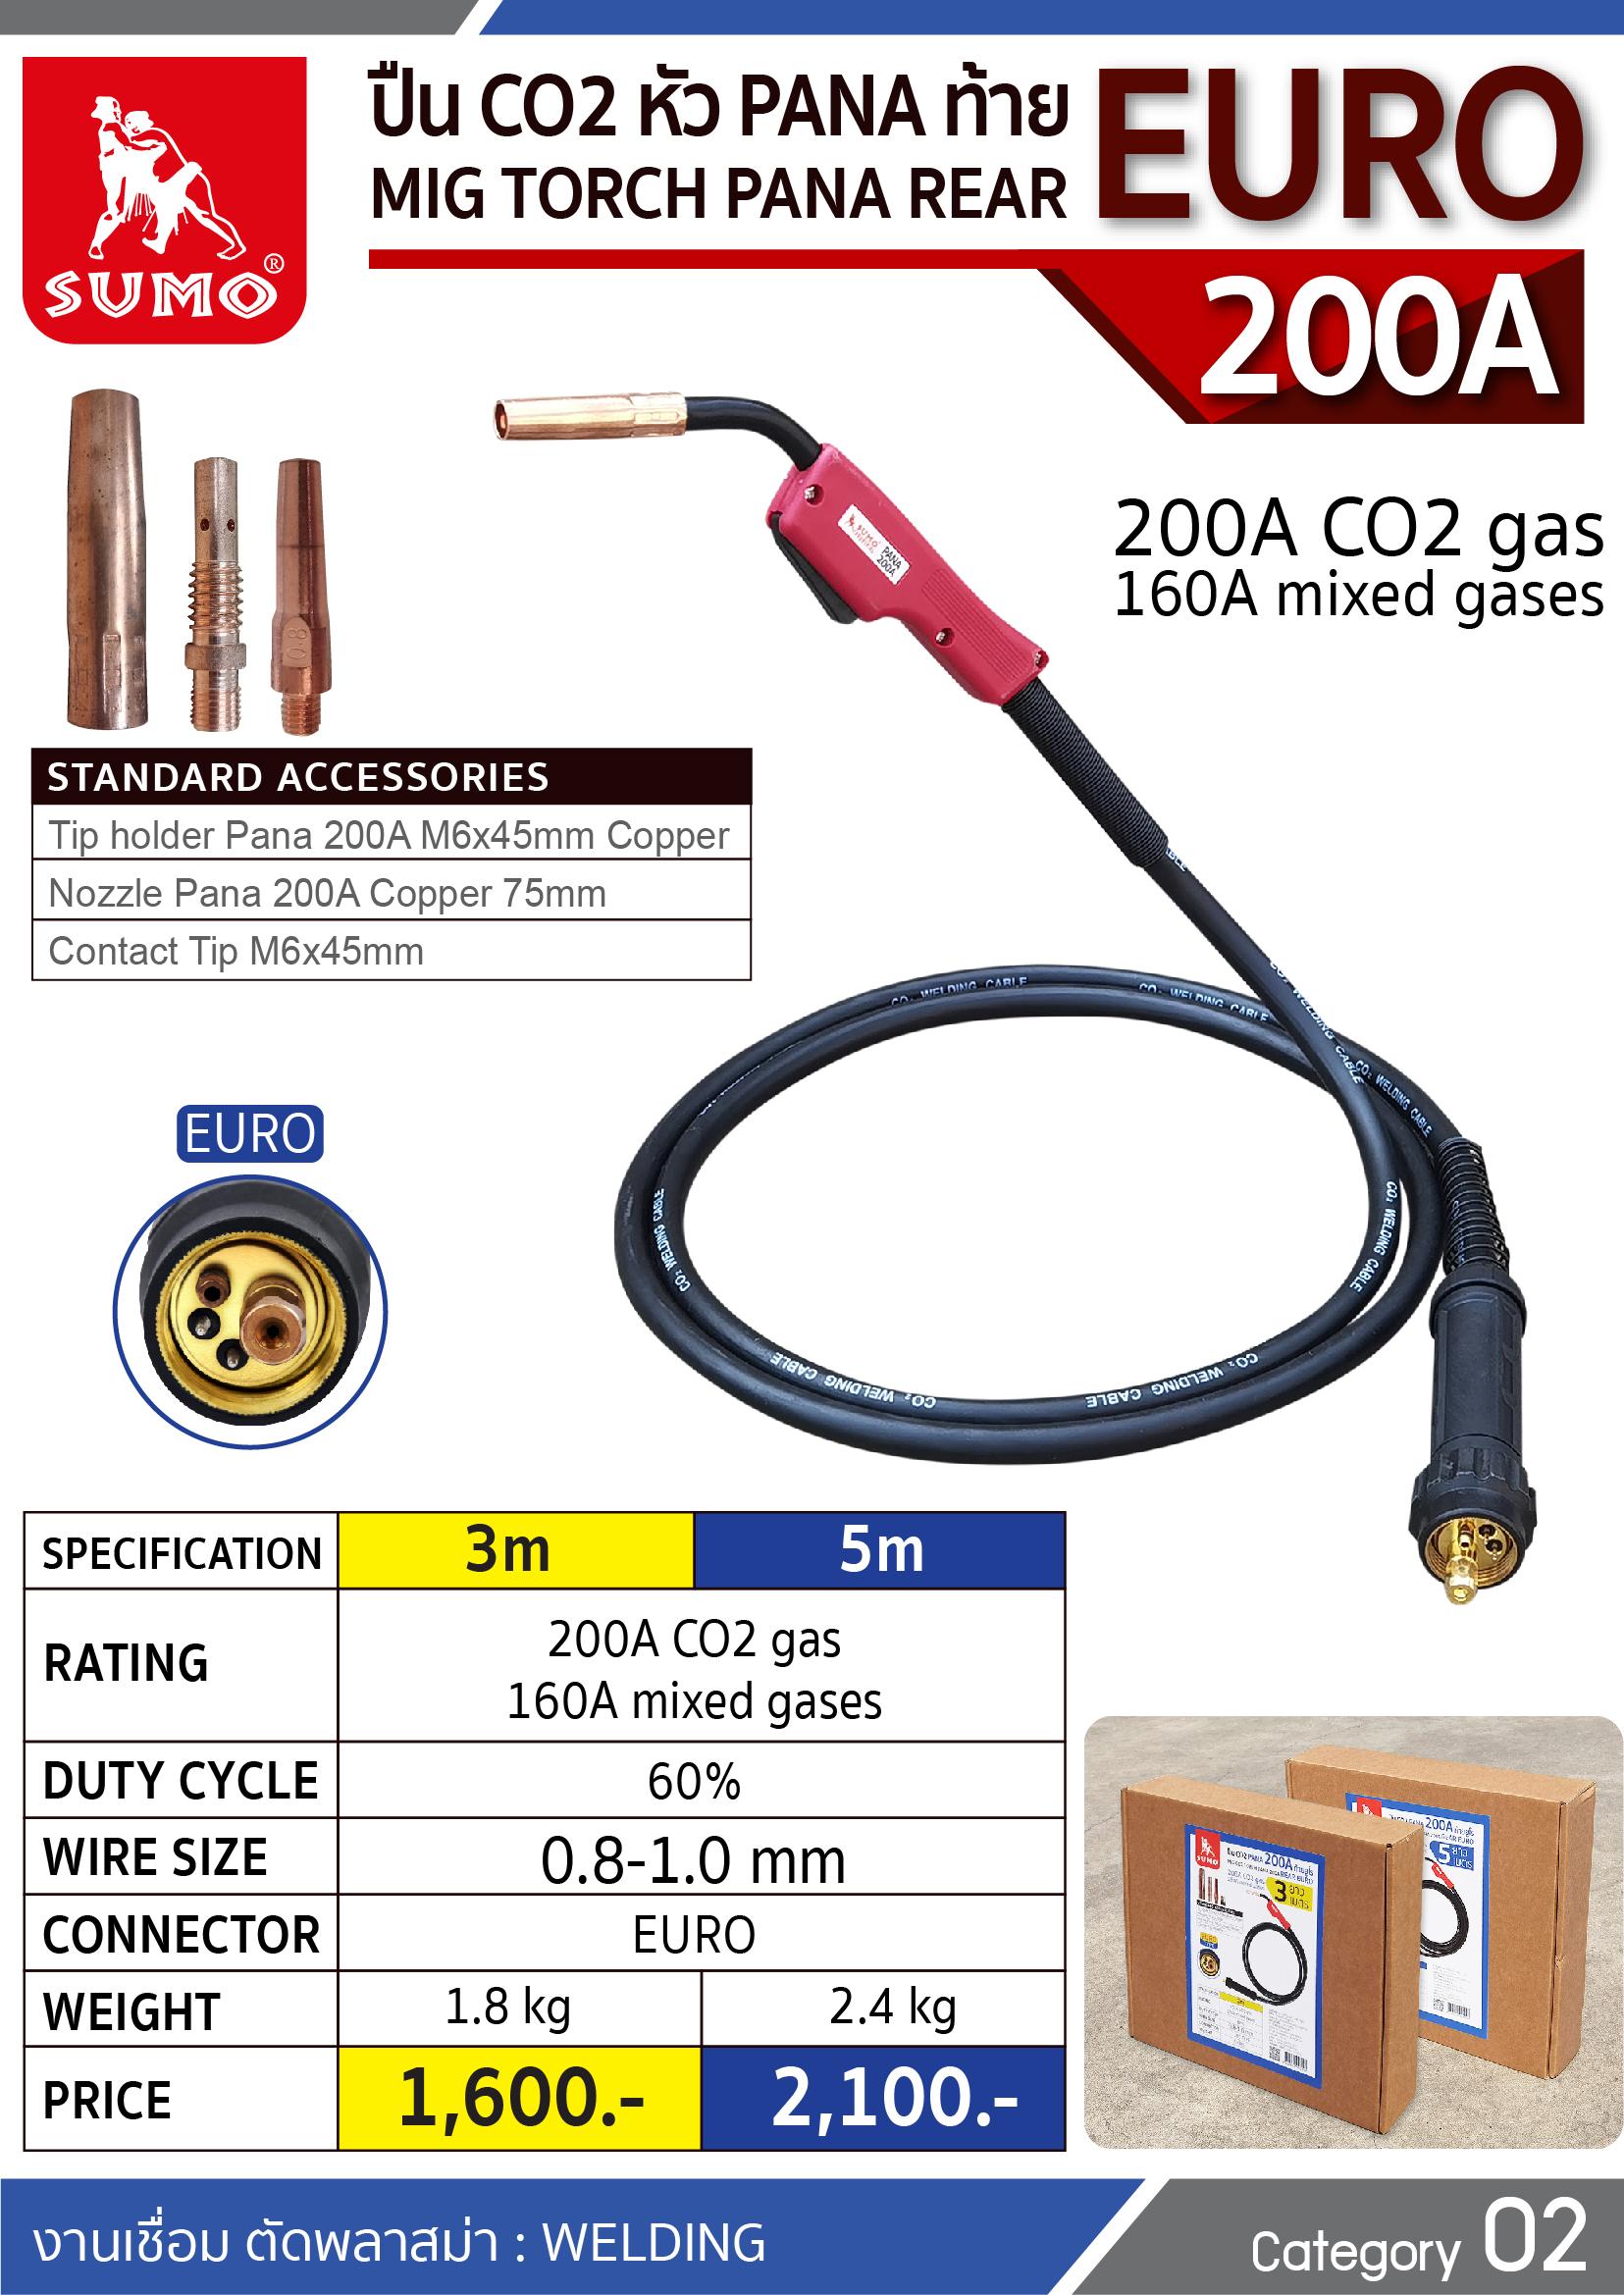 (19/277) ปืน CO2 PANA 200A EURO Tail